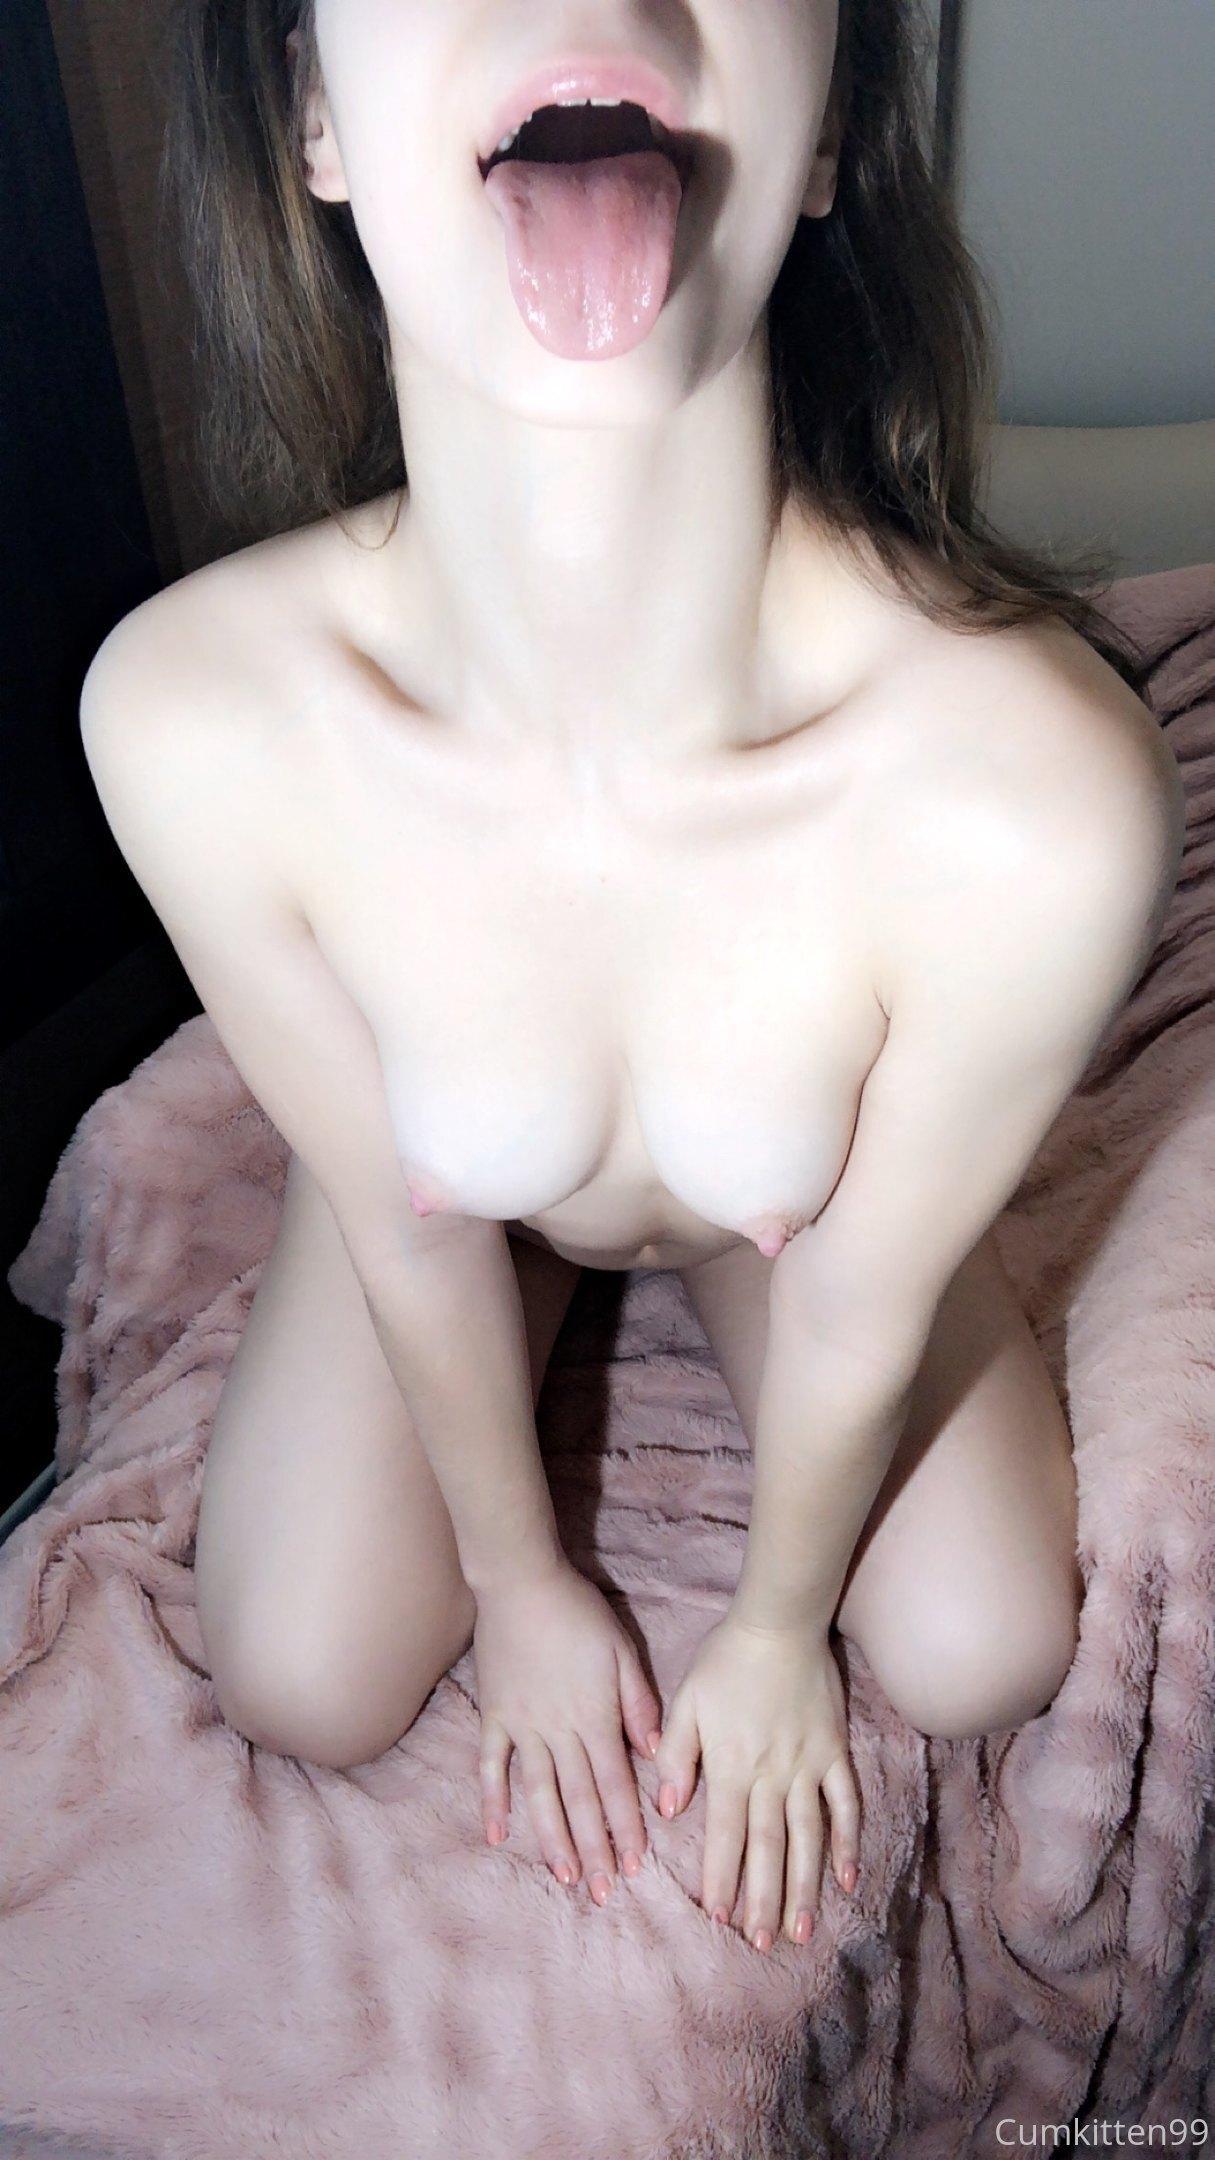 Cumkitten99, Onlyfans Nudes Leaks 52